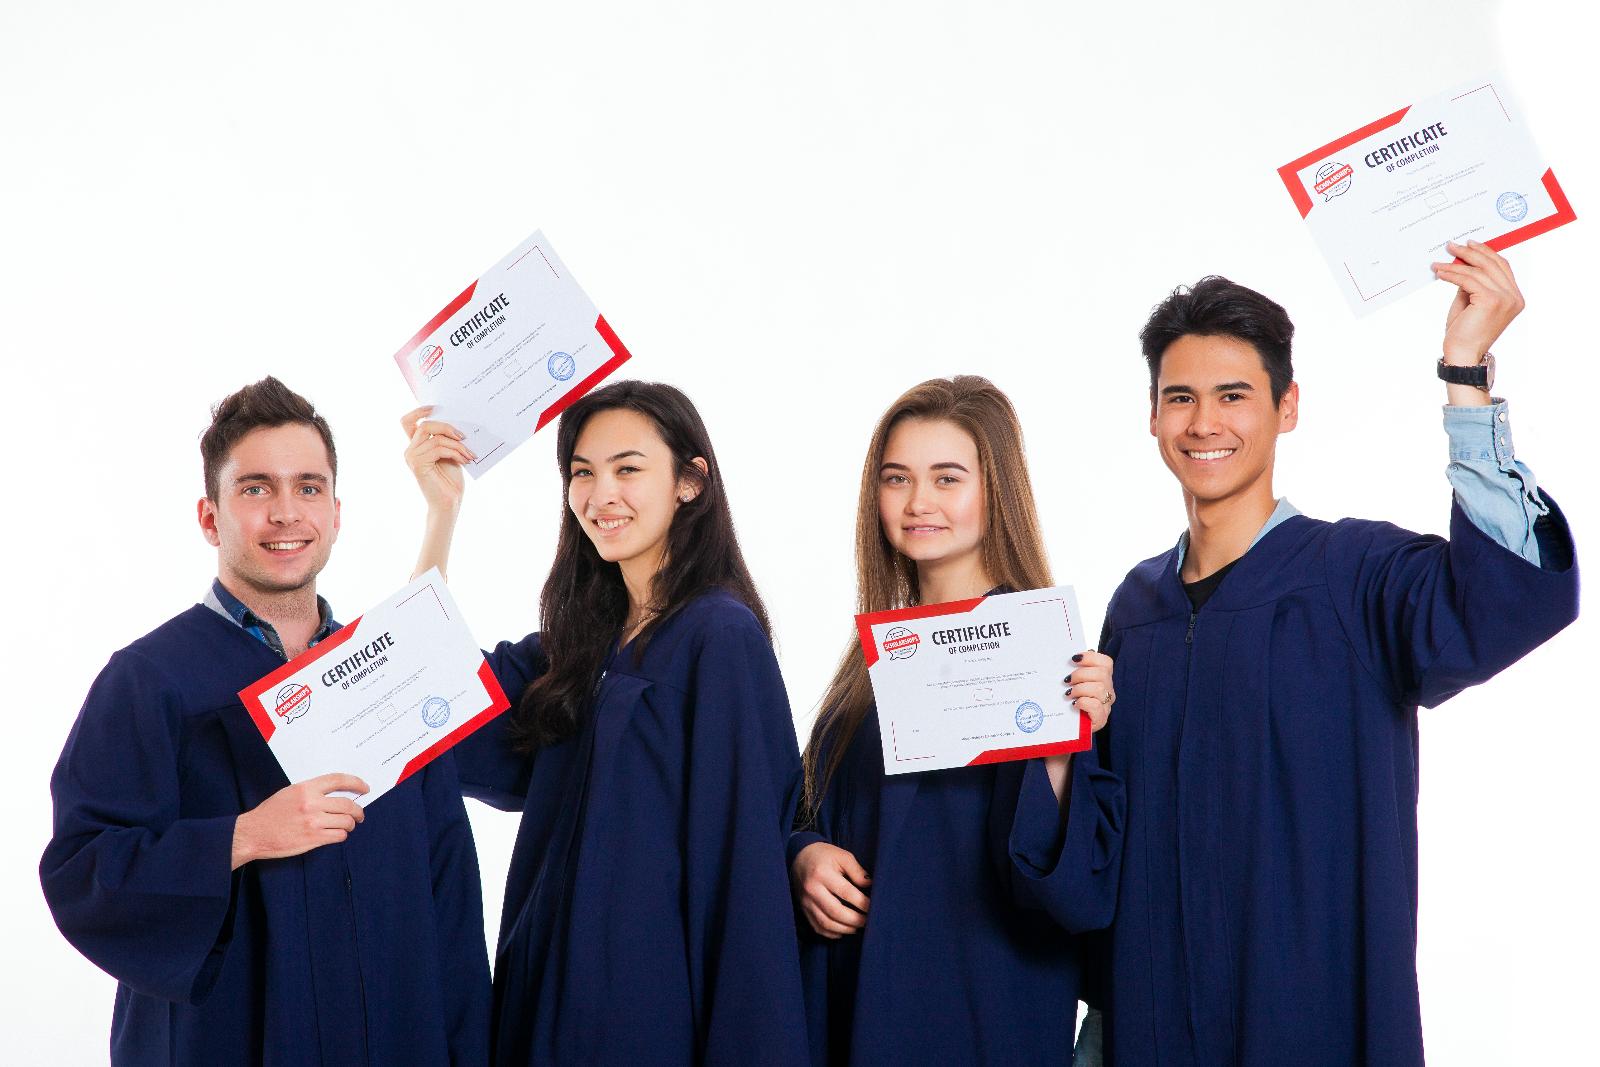 Итоговый экзамен по окончании курса и сертификат при успешной сдаче и подтверждении уровня